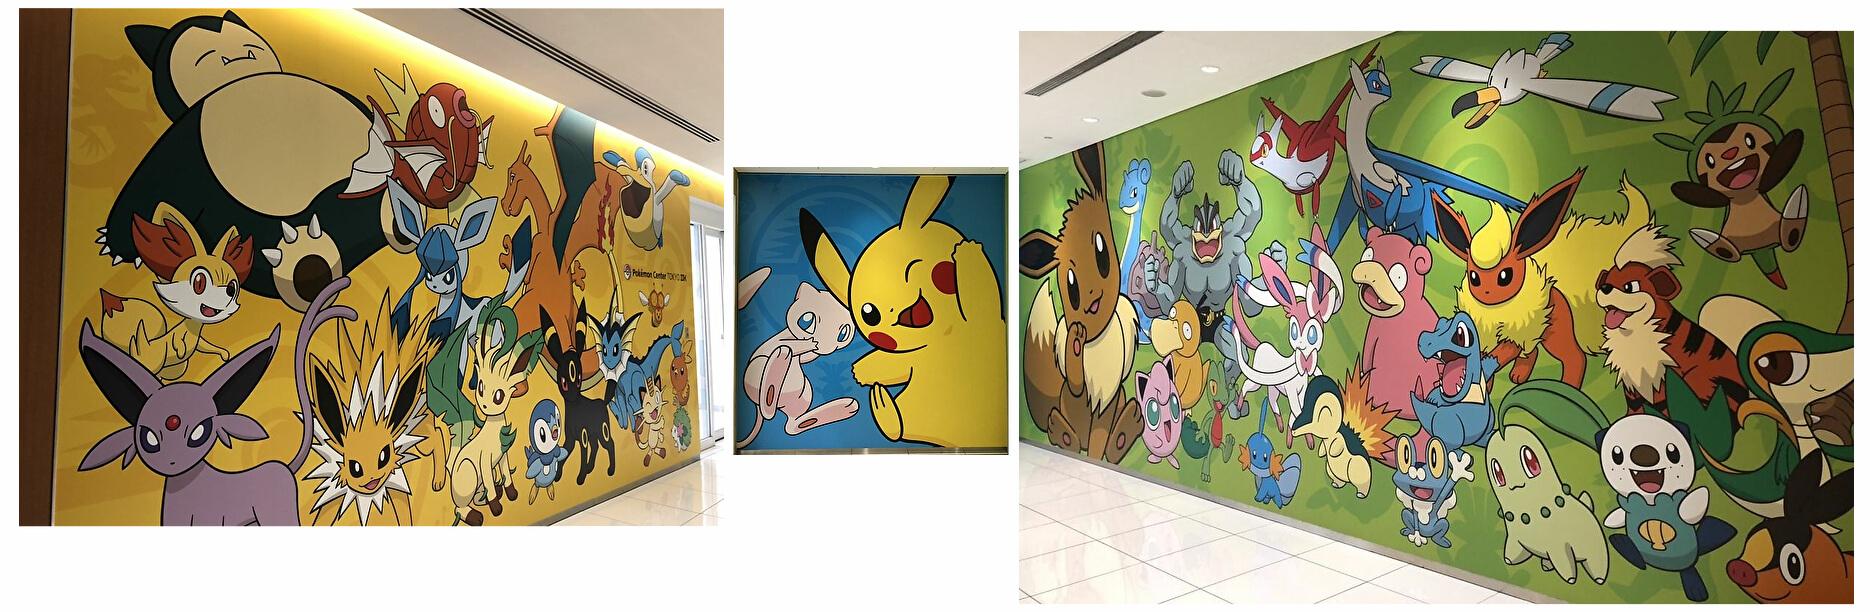 入り口は大きなポケモン壁画でお出迎え!